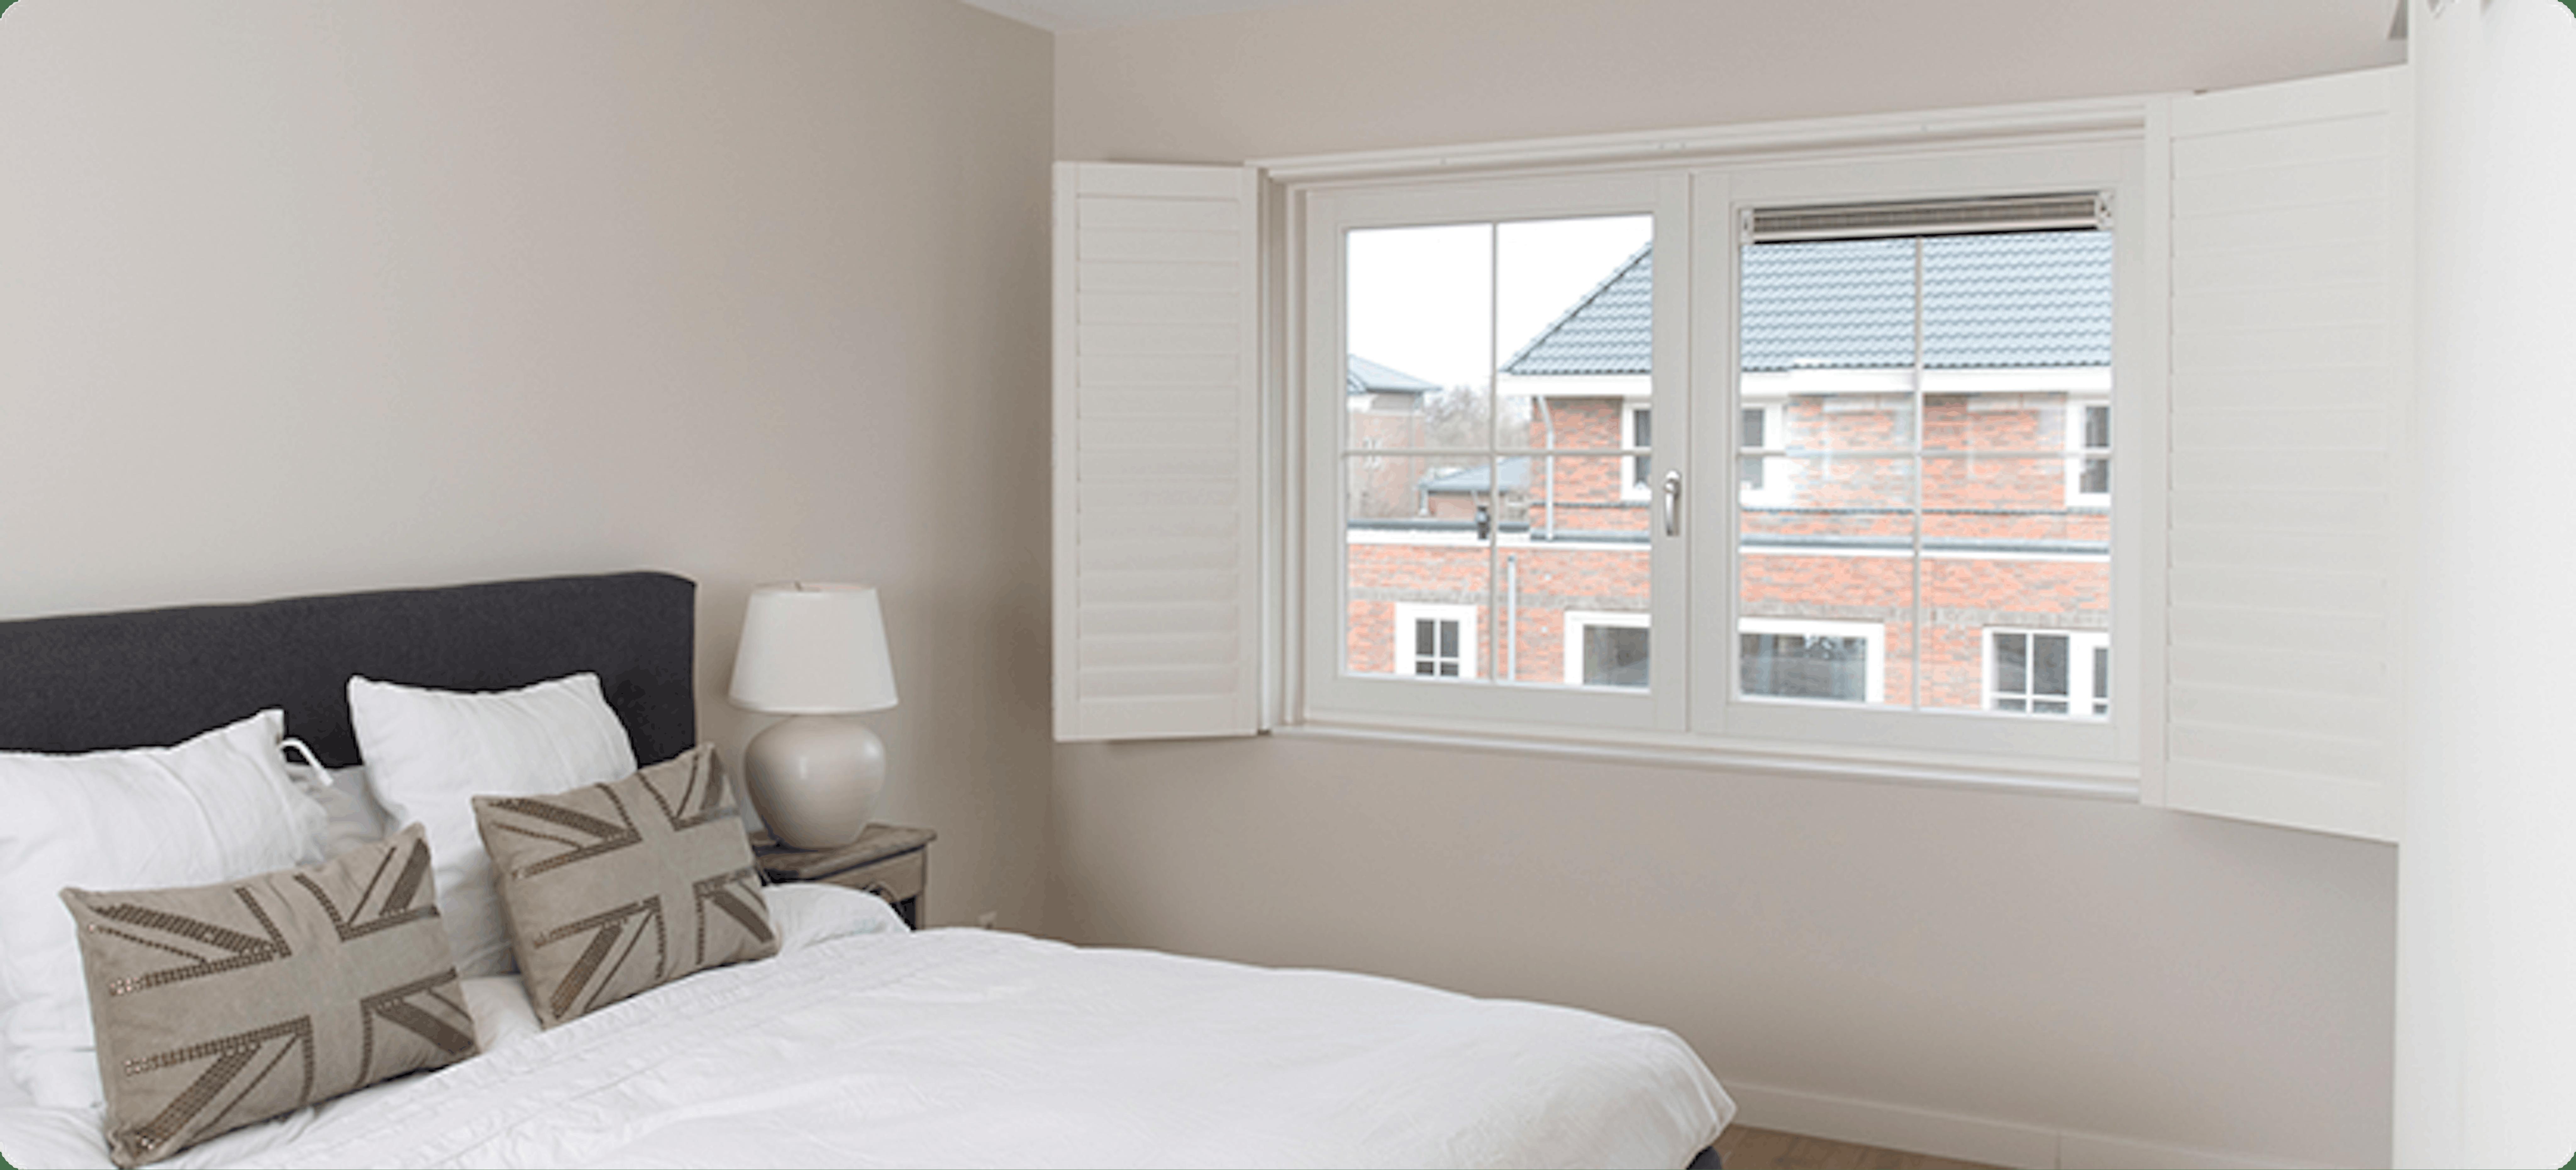 5x raamdecoratie voor draai-kiepramen